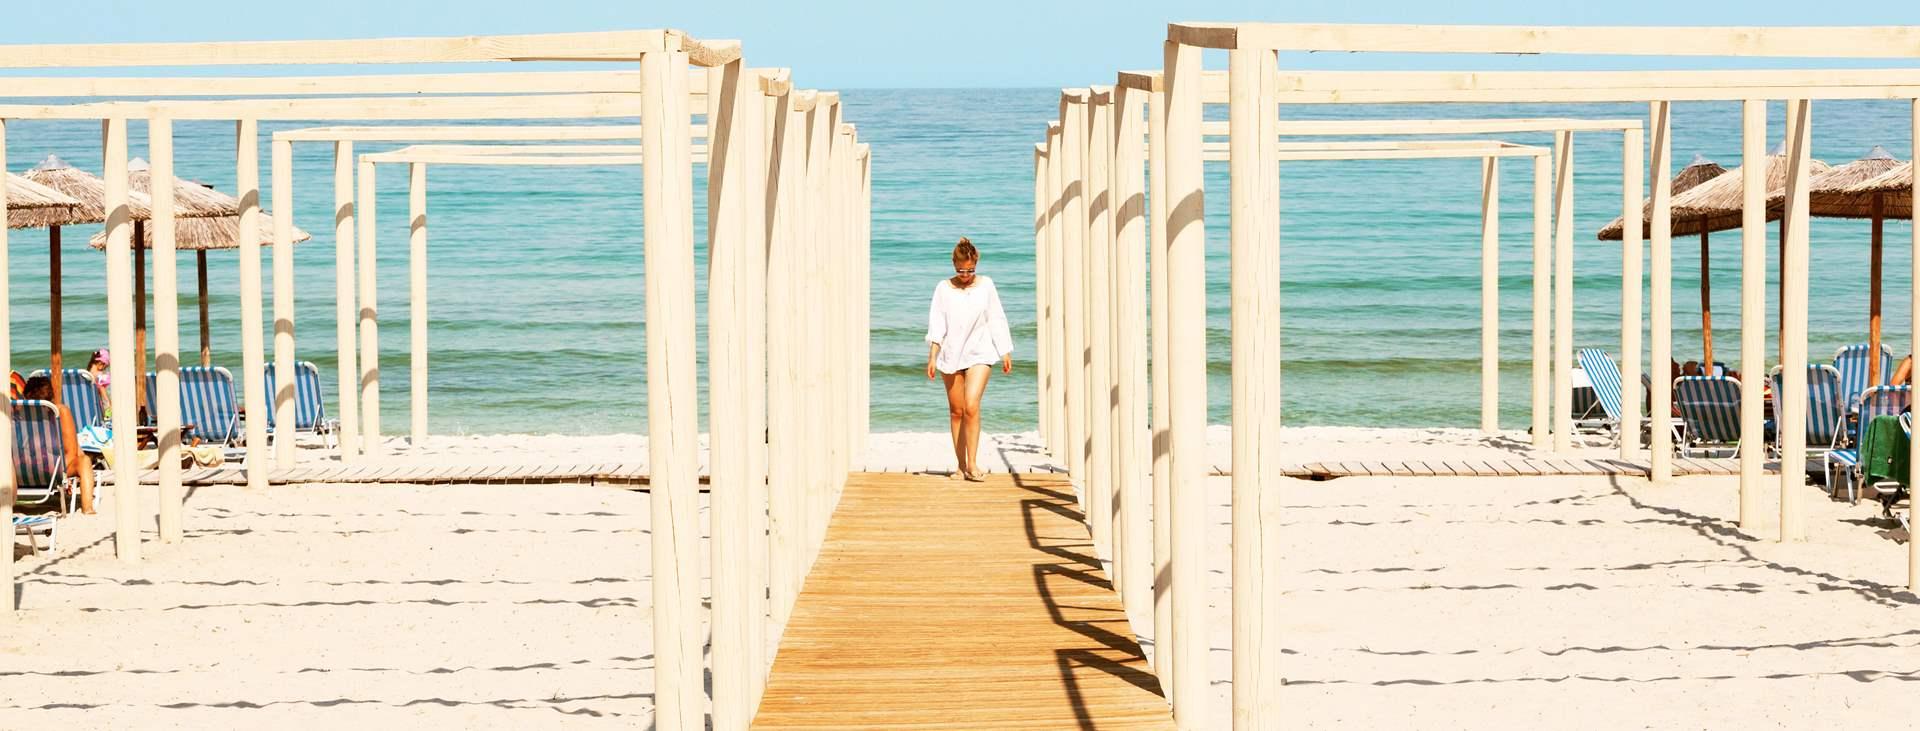 Boka din resa till Golden Beach på Thassos med Ving